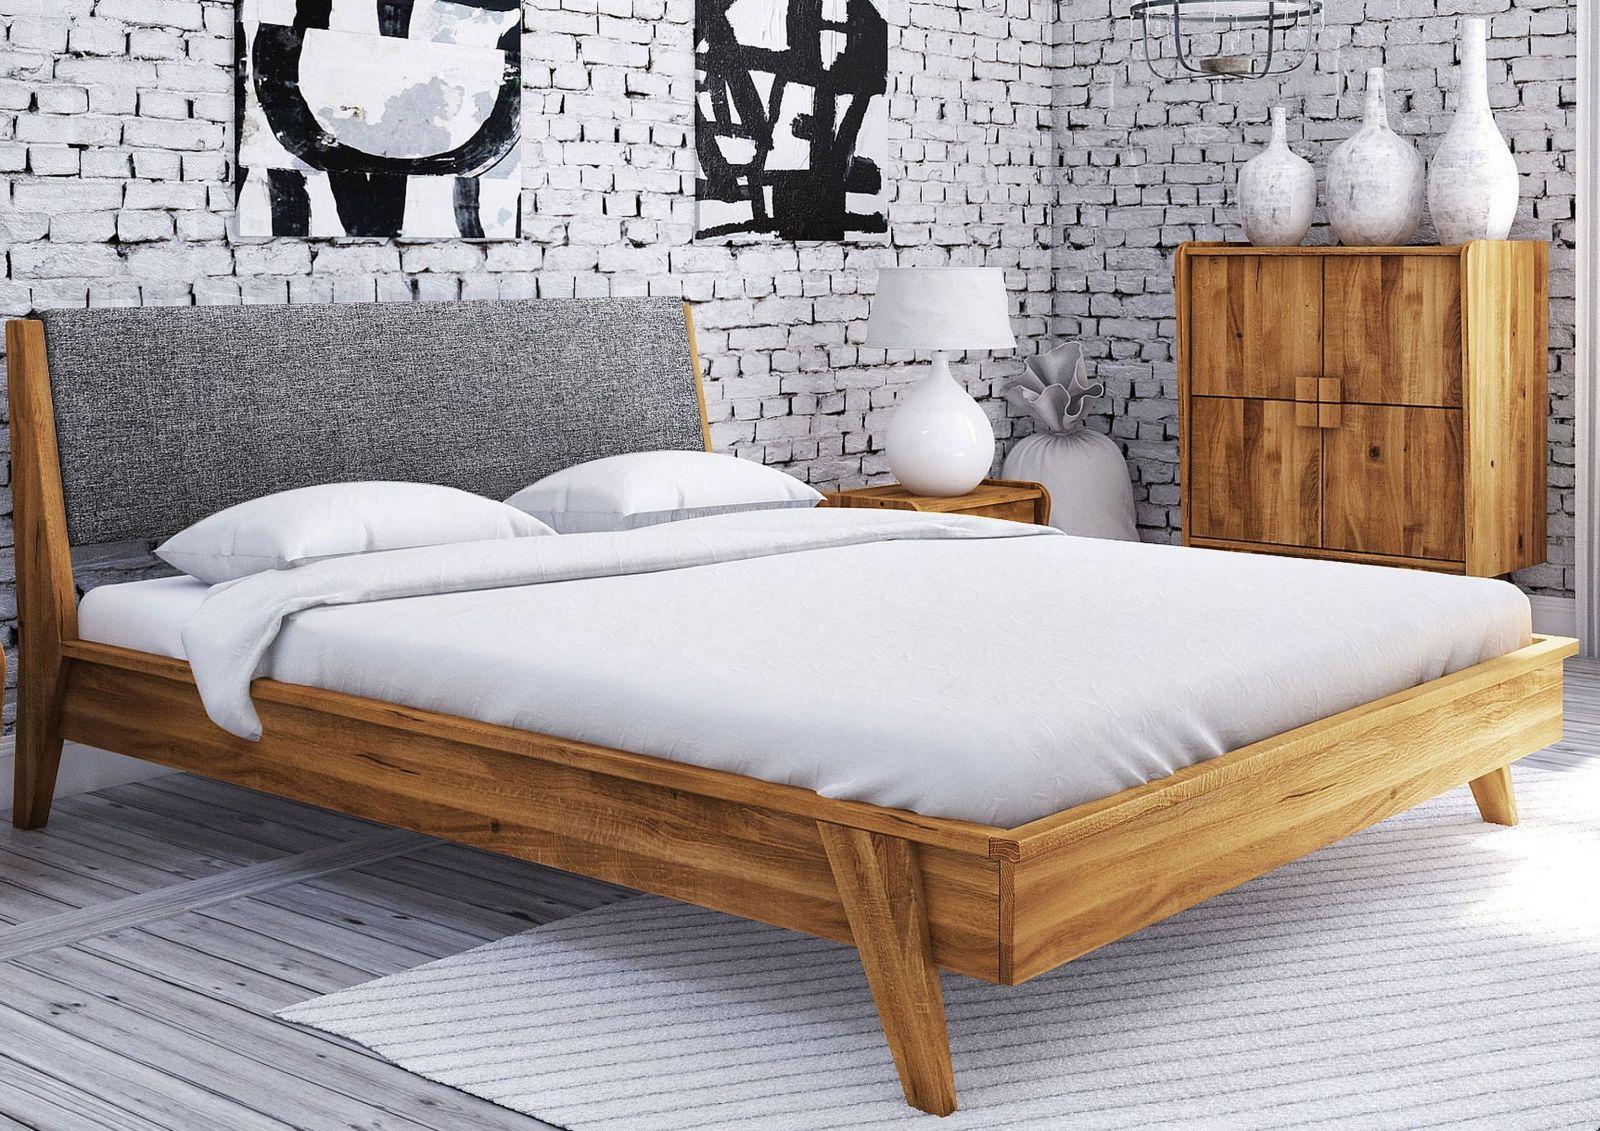 Full Size of Betten Günstig Kaufen 180x200 Bett Mit Lattenrost Und Matratze Bette Floor Kiefer 90x200 Nussbaum Tatami Meise Außergewöhnliche Weiß Bopita Landhaus Bett Bett 1 40x2 00